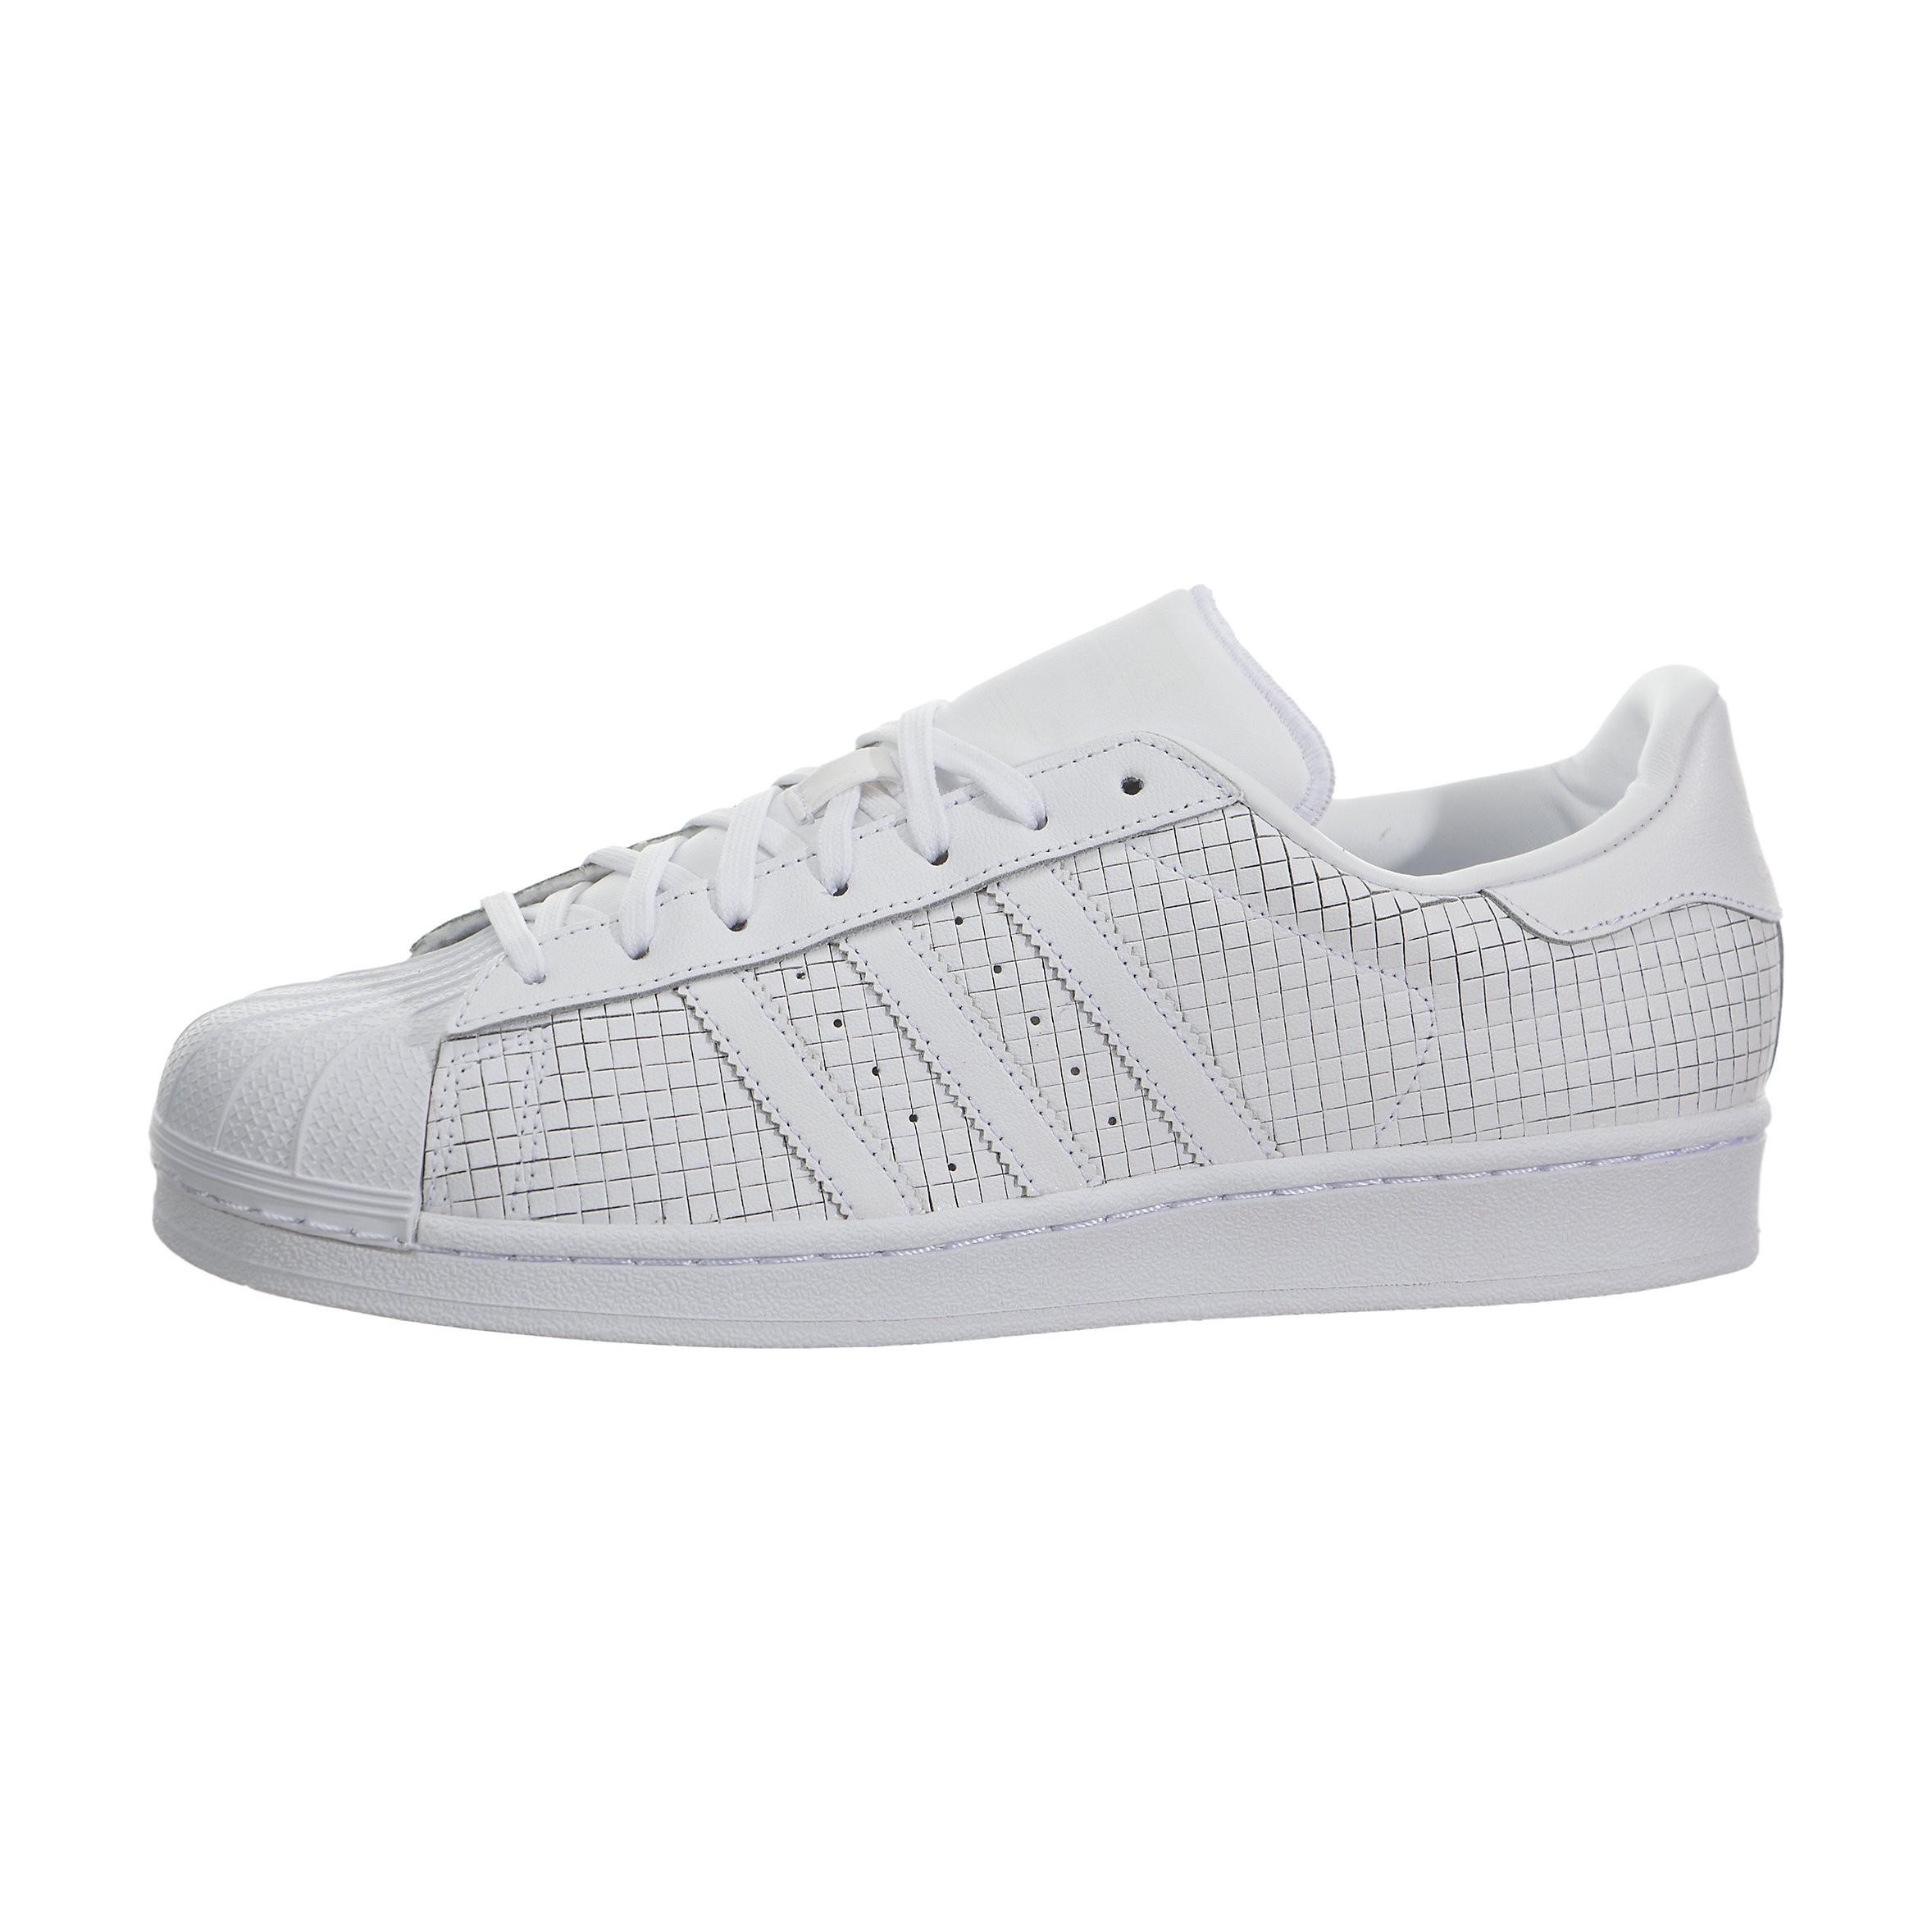 Hombre adidas Originals Superstar Zapatillas Blancas AQ8334